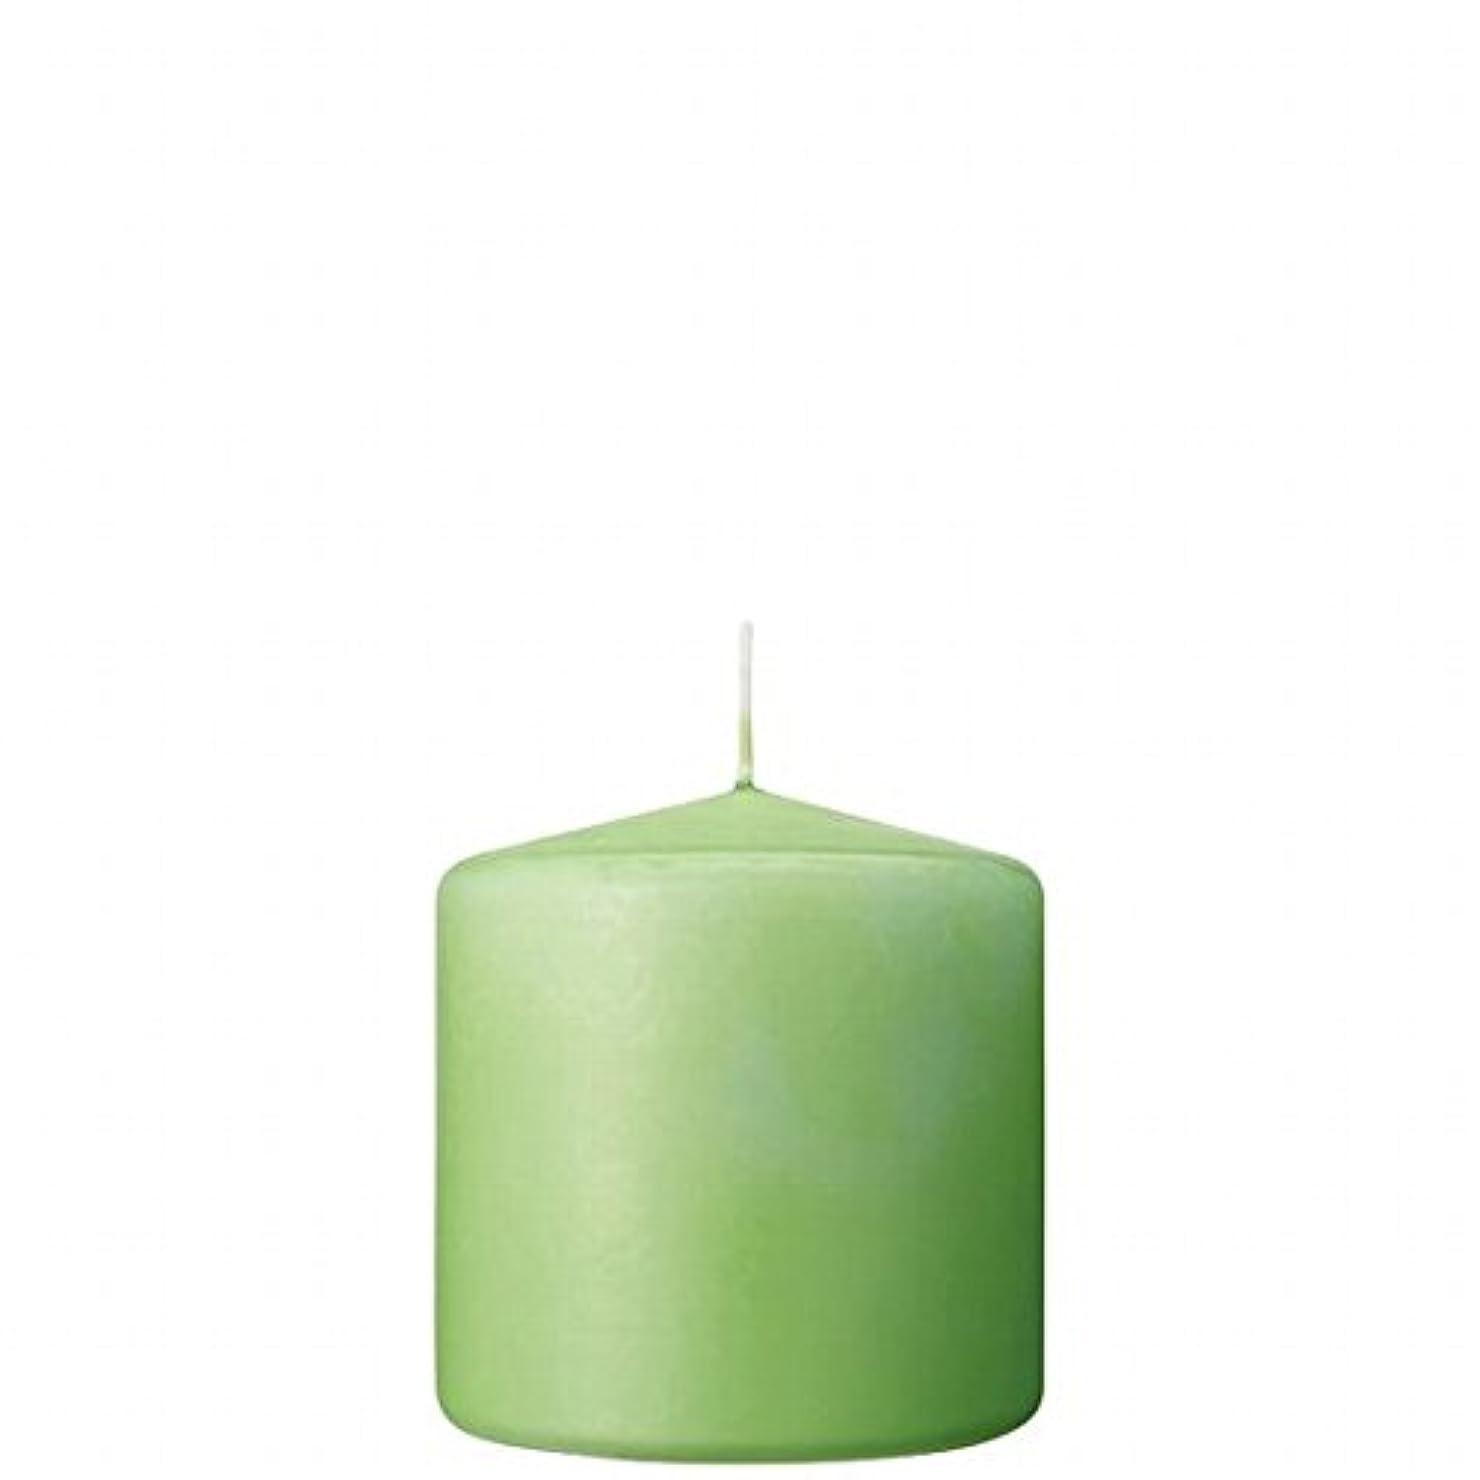 意気込み温度ベッツィトロットウッドカメヤマキャンドル(kameyama candle) 3×3ベルトップピラーキャンドル 「 ライム 」